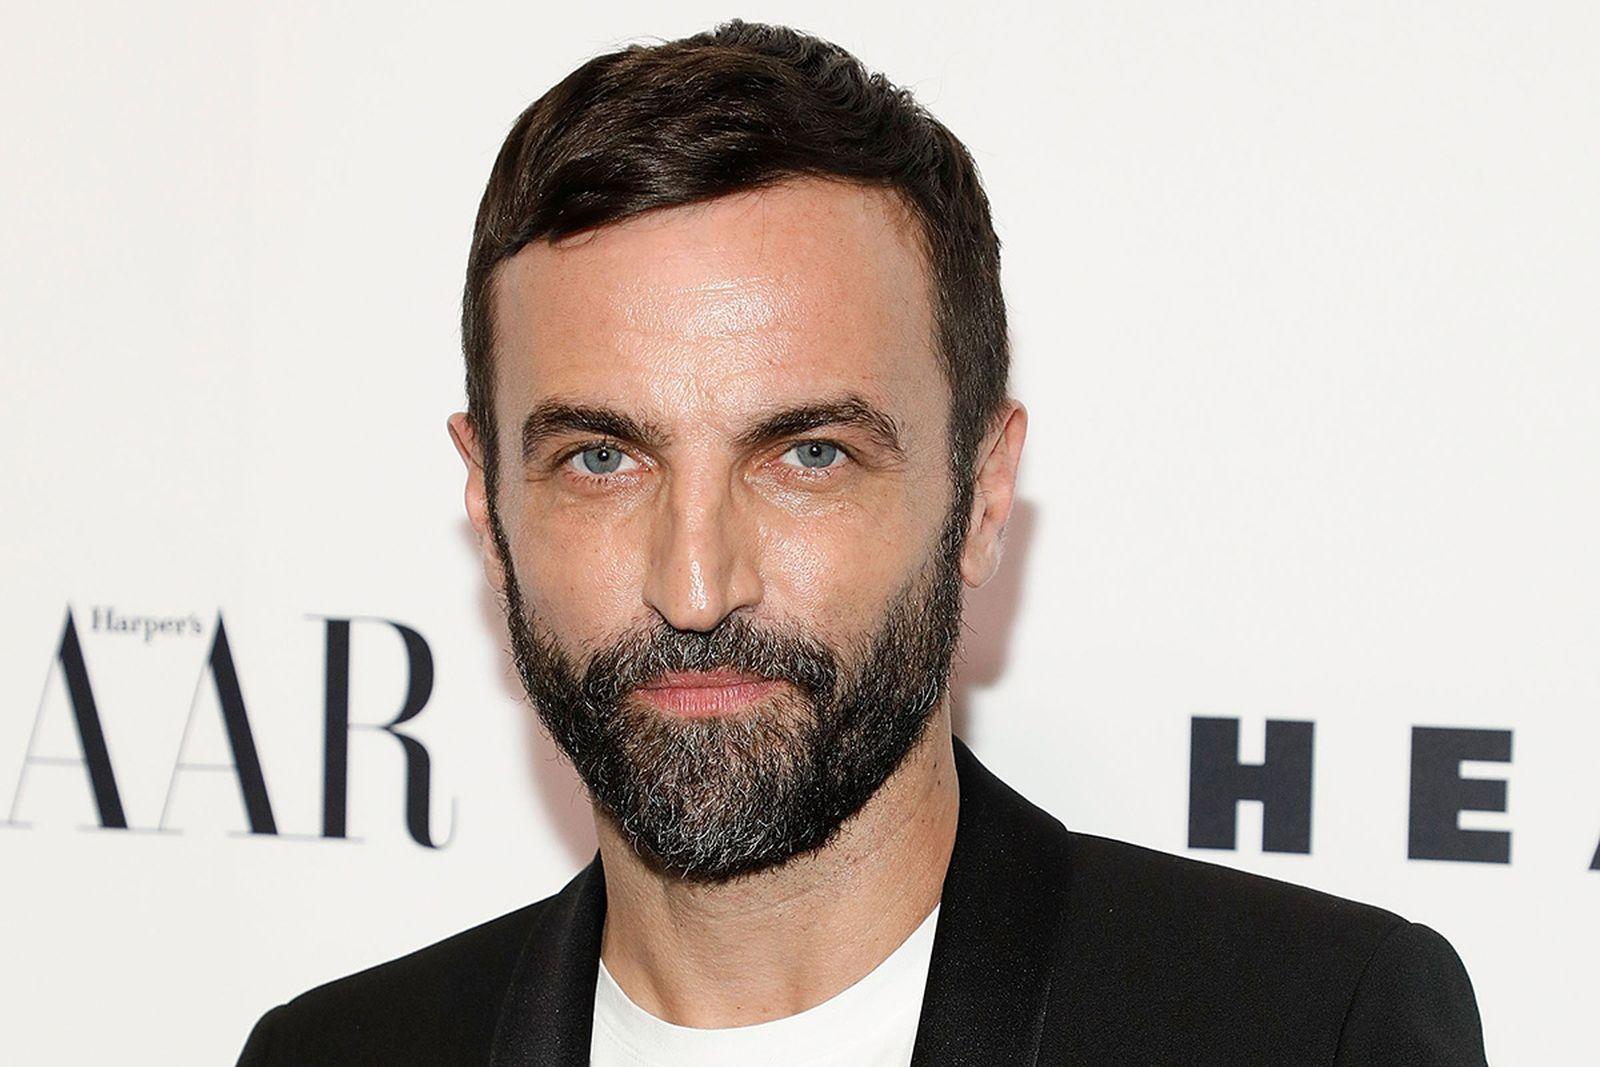 Nicolas Ghesquiere at Louis Vuitton event